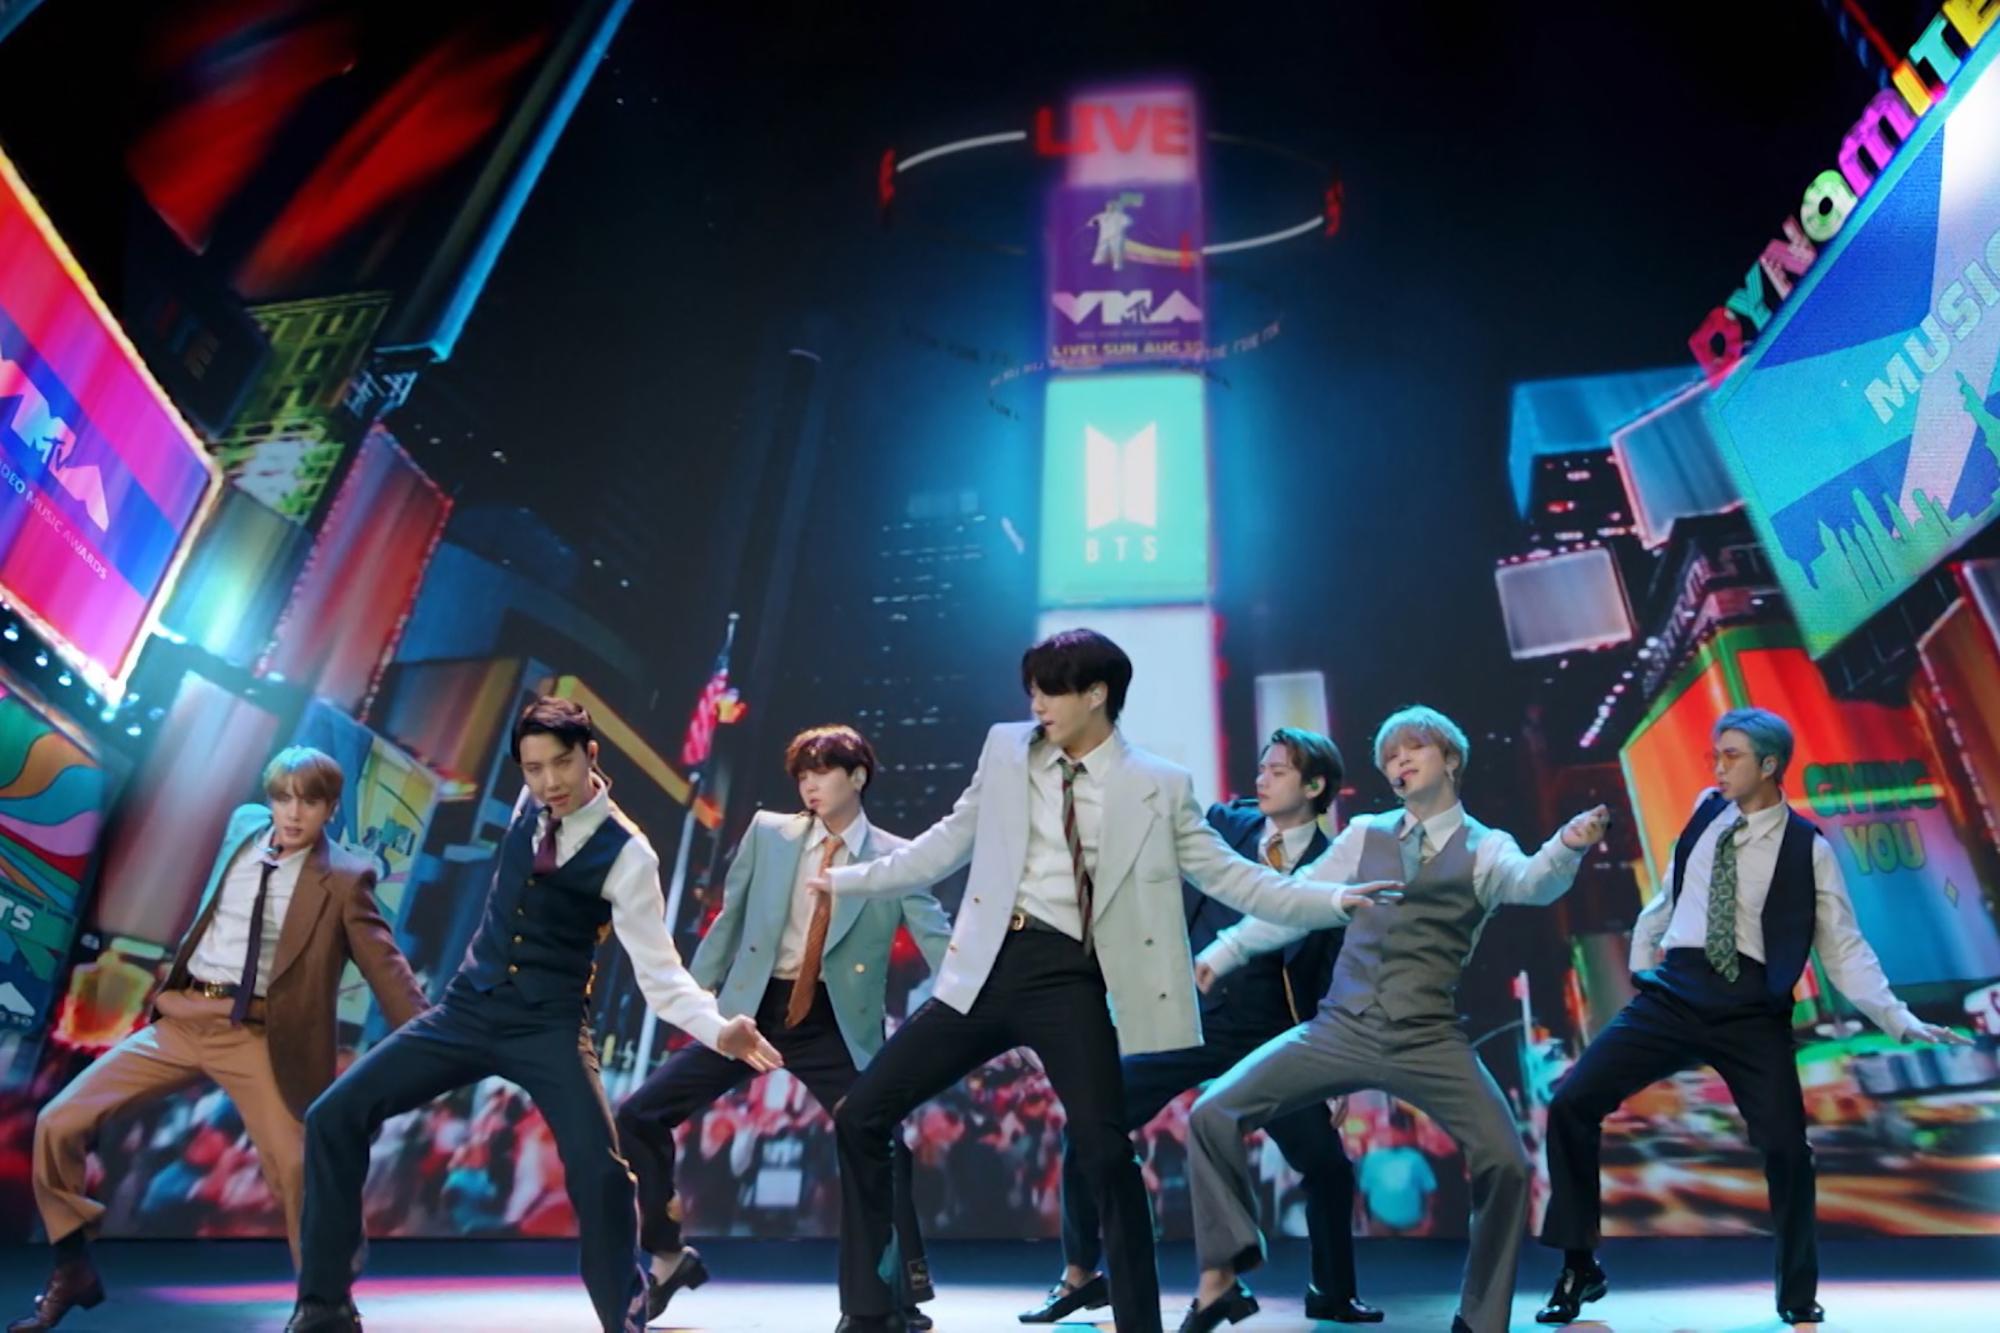 Ca khúc Dynamite của BTS có thể mang lại hơn 1,4 tỉ USD cho nền kinh tế Hàn Quốc - Ảnh 1.